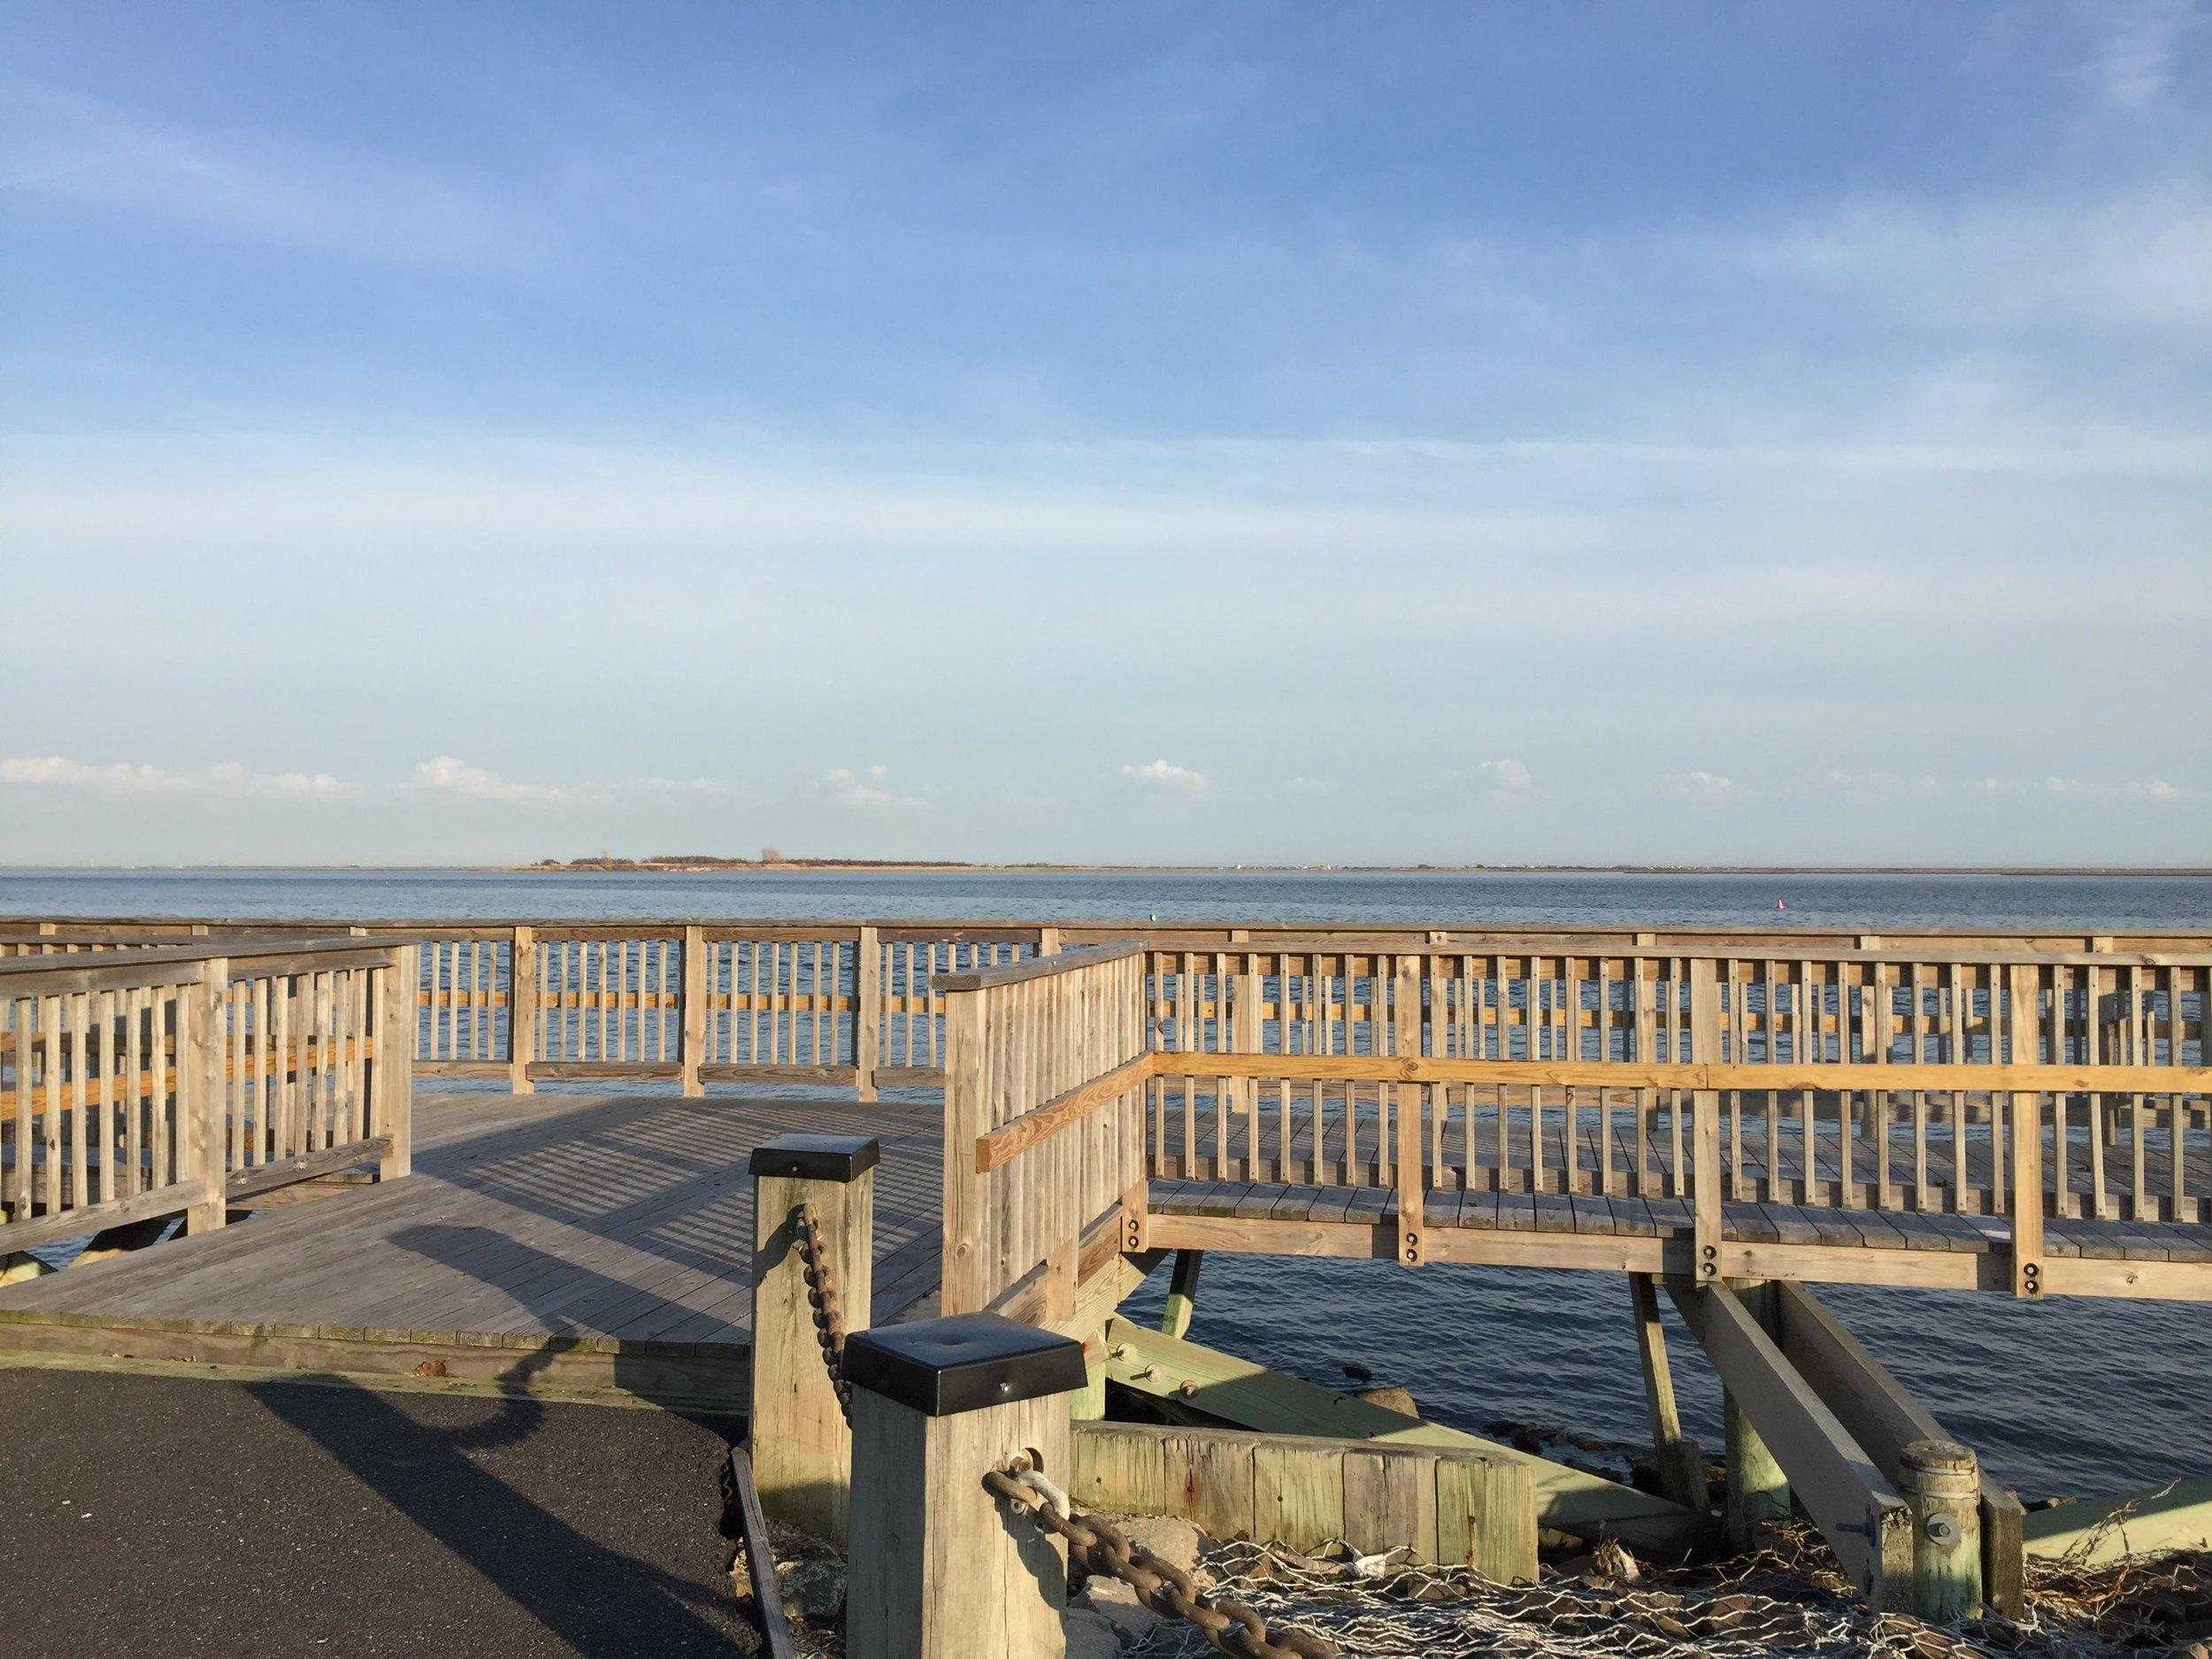 Pier at Nassau Shores Bayfront Park